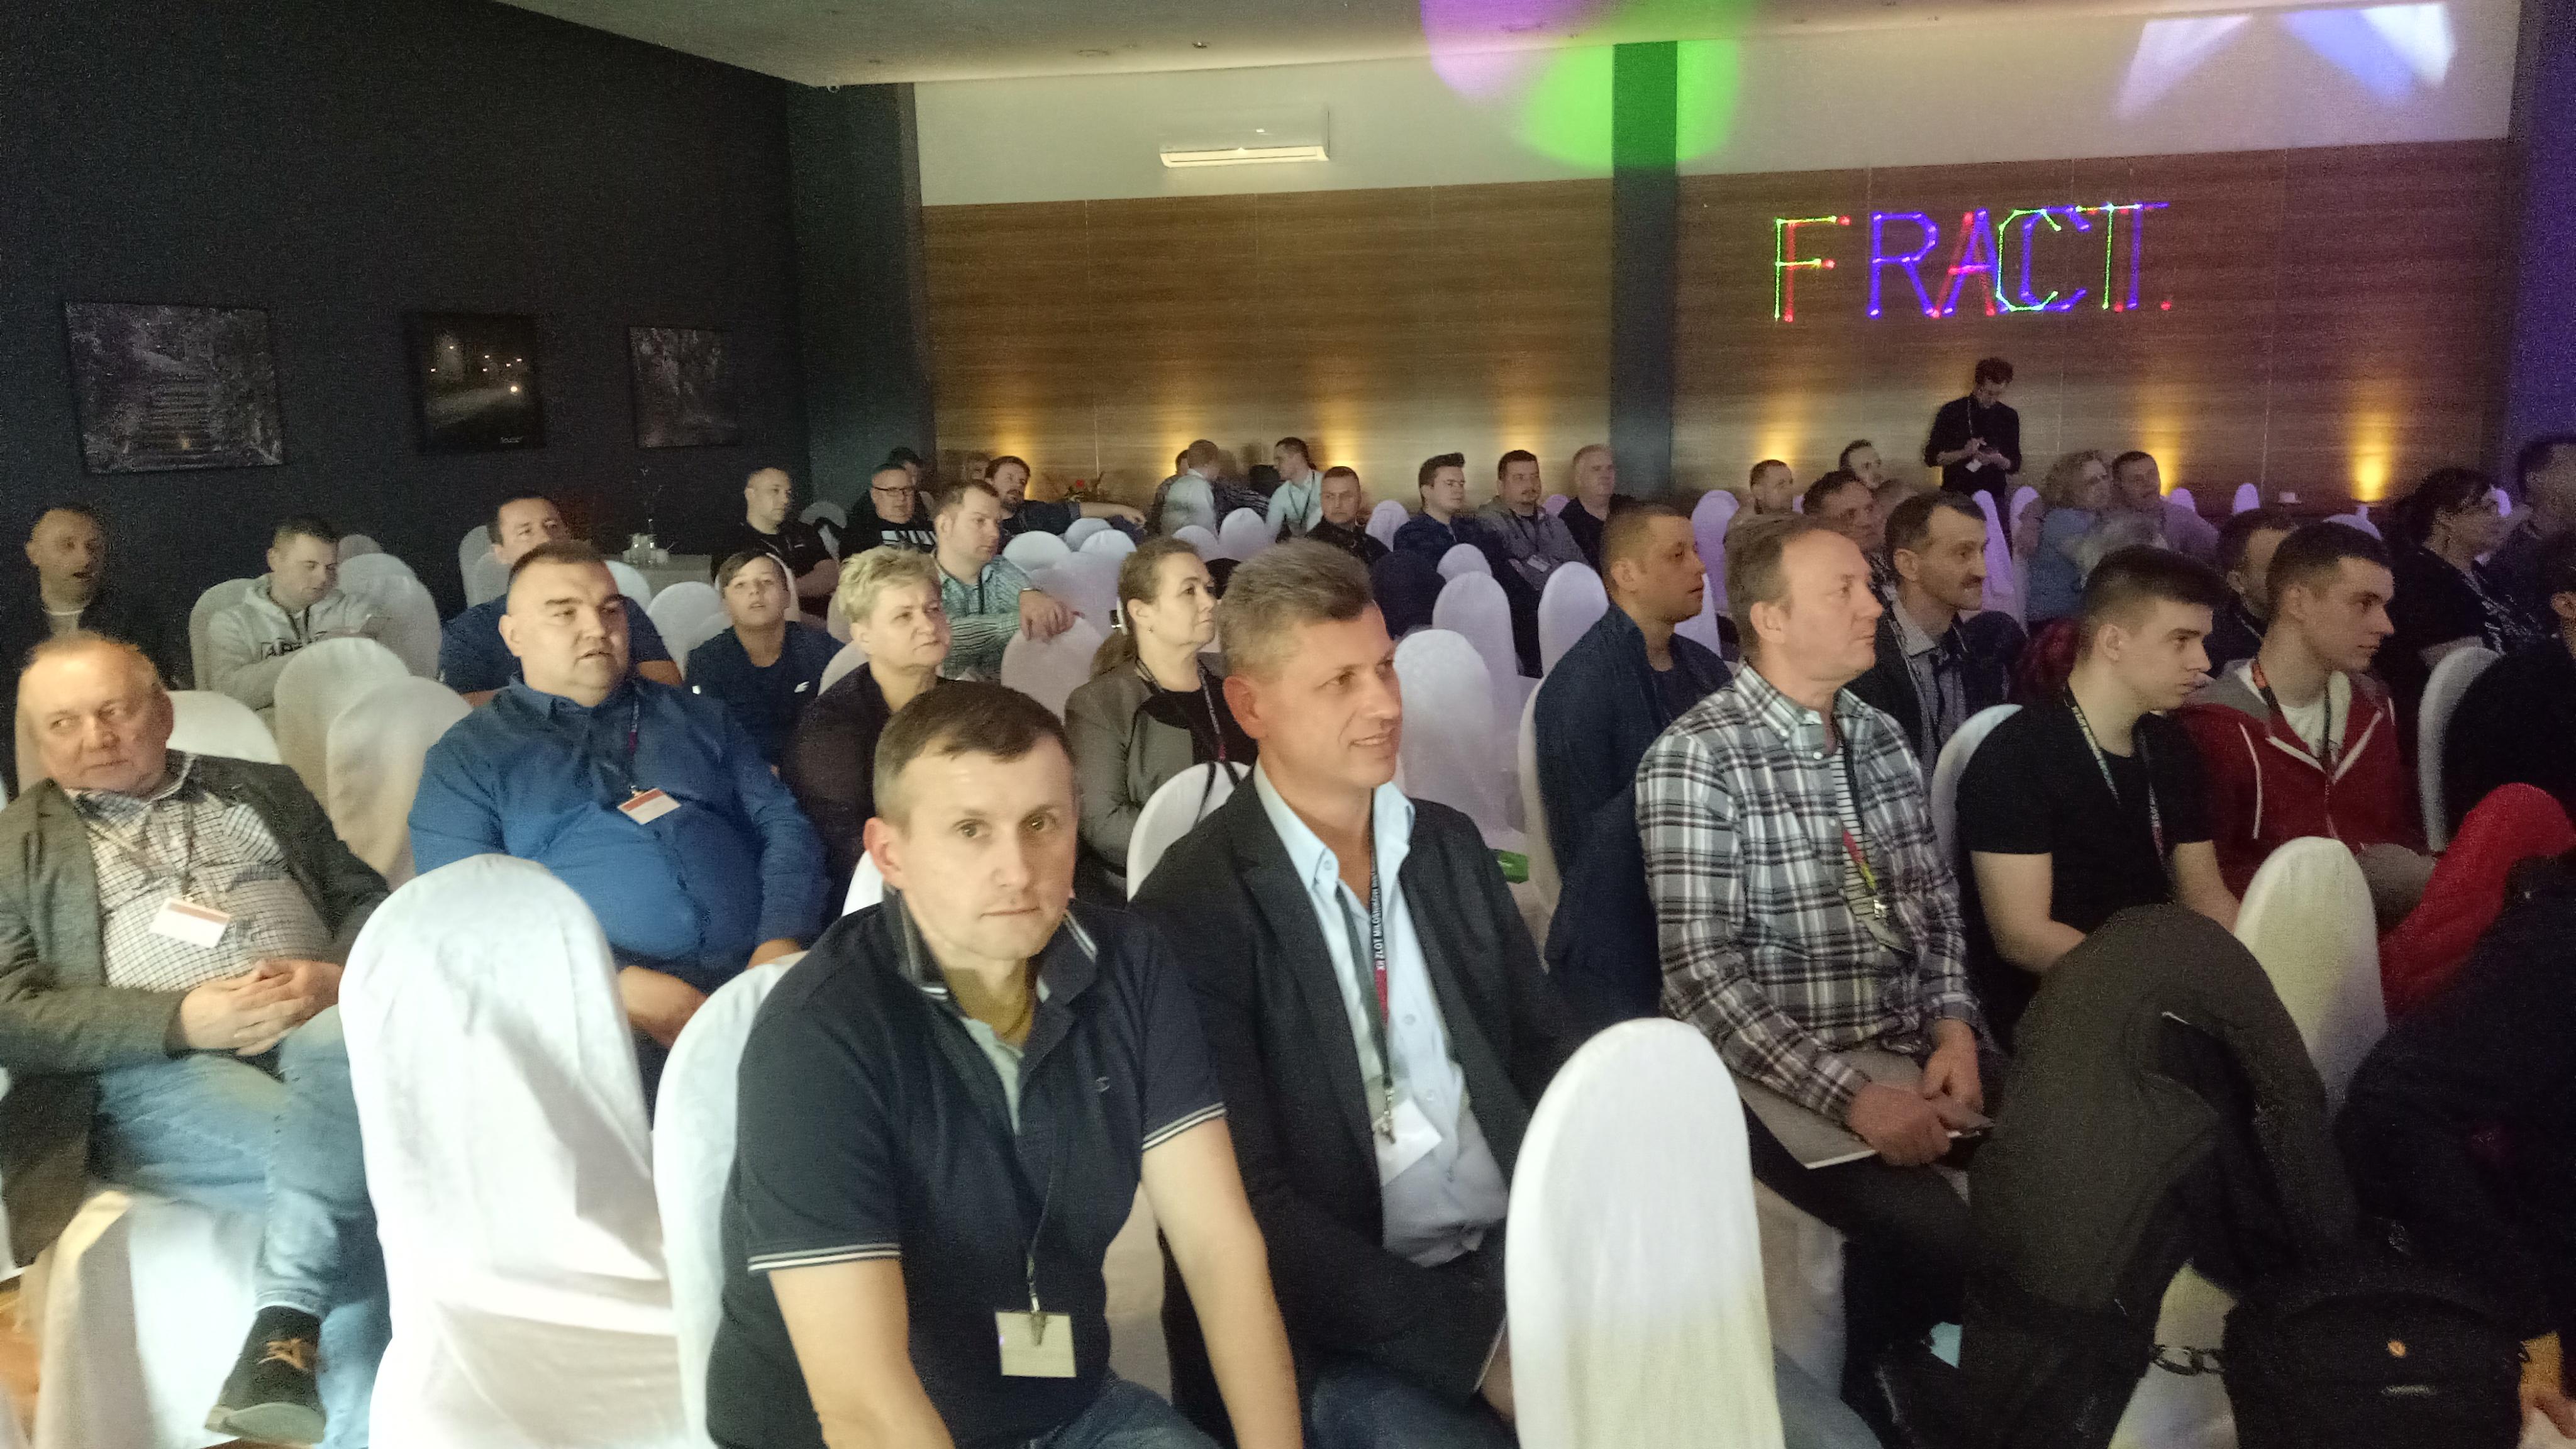 PolishKeyboardsfansMeeting (2)